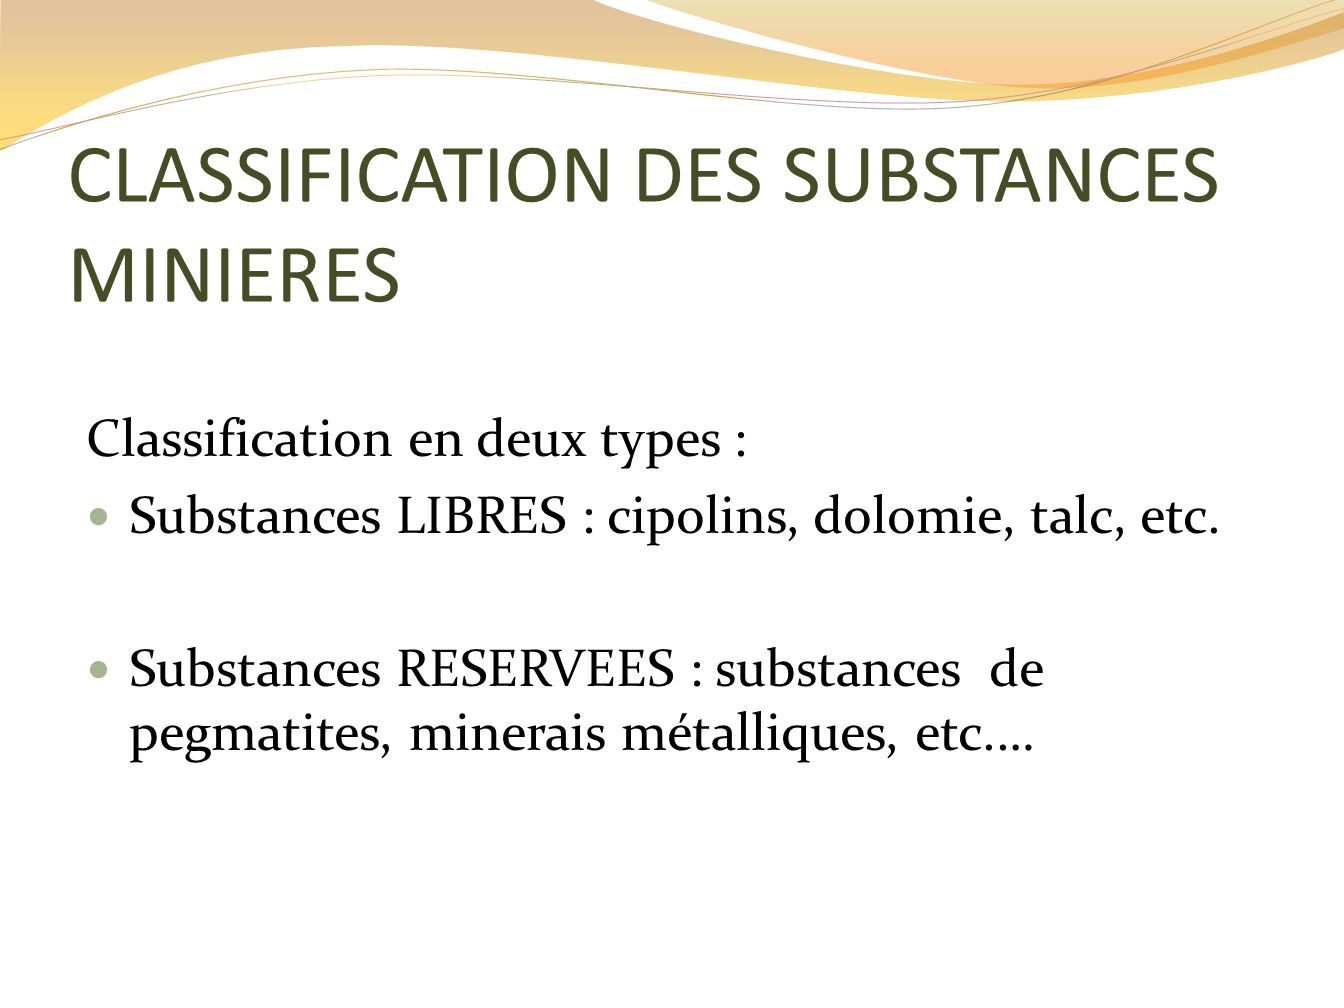 CLASSIFICATION DES SUBSTANCES MINIERES Classification en deux types : Substances LIBRES : cipolins, dolomie, talc, etc. Substances RESERVEES : substan